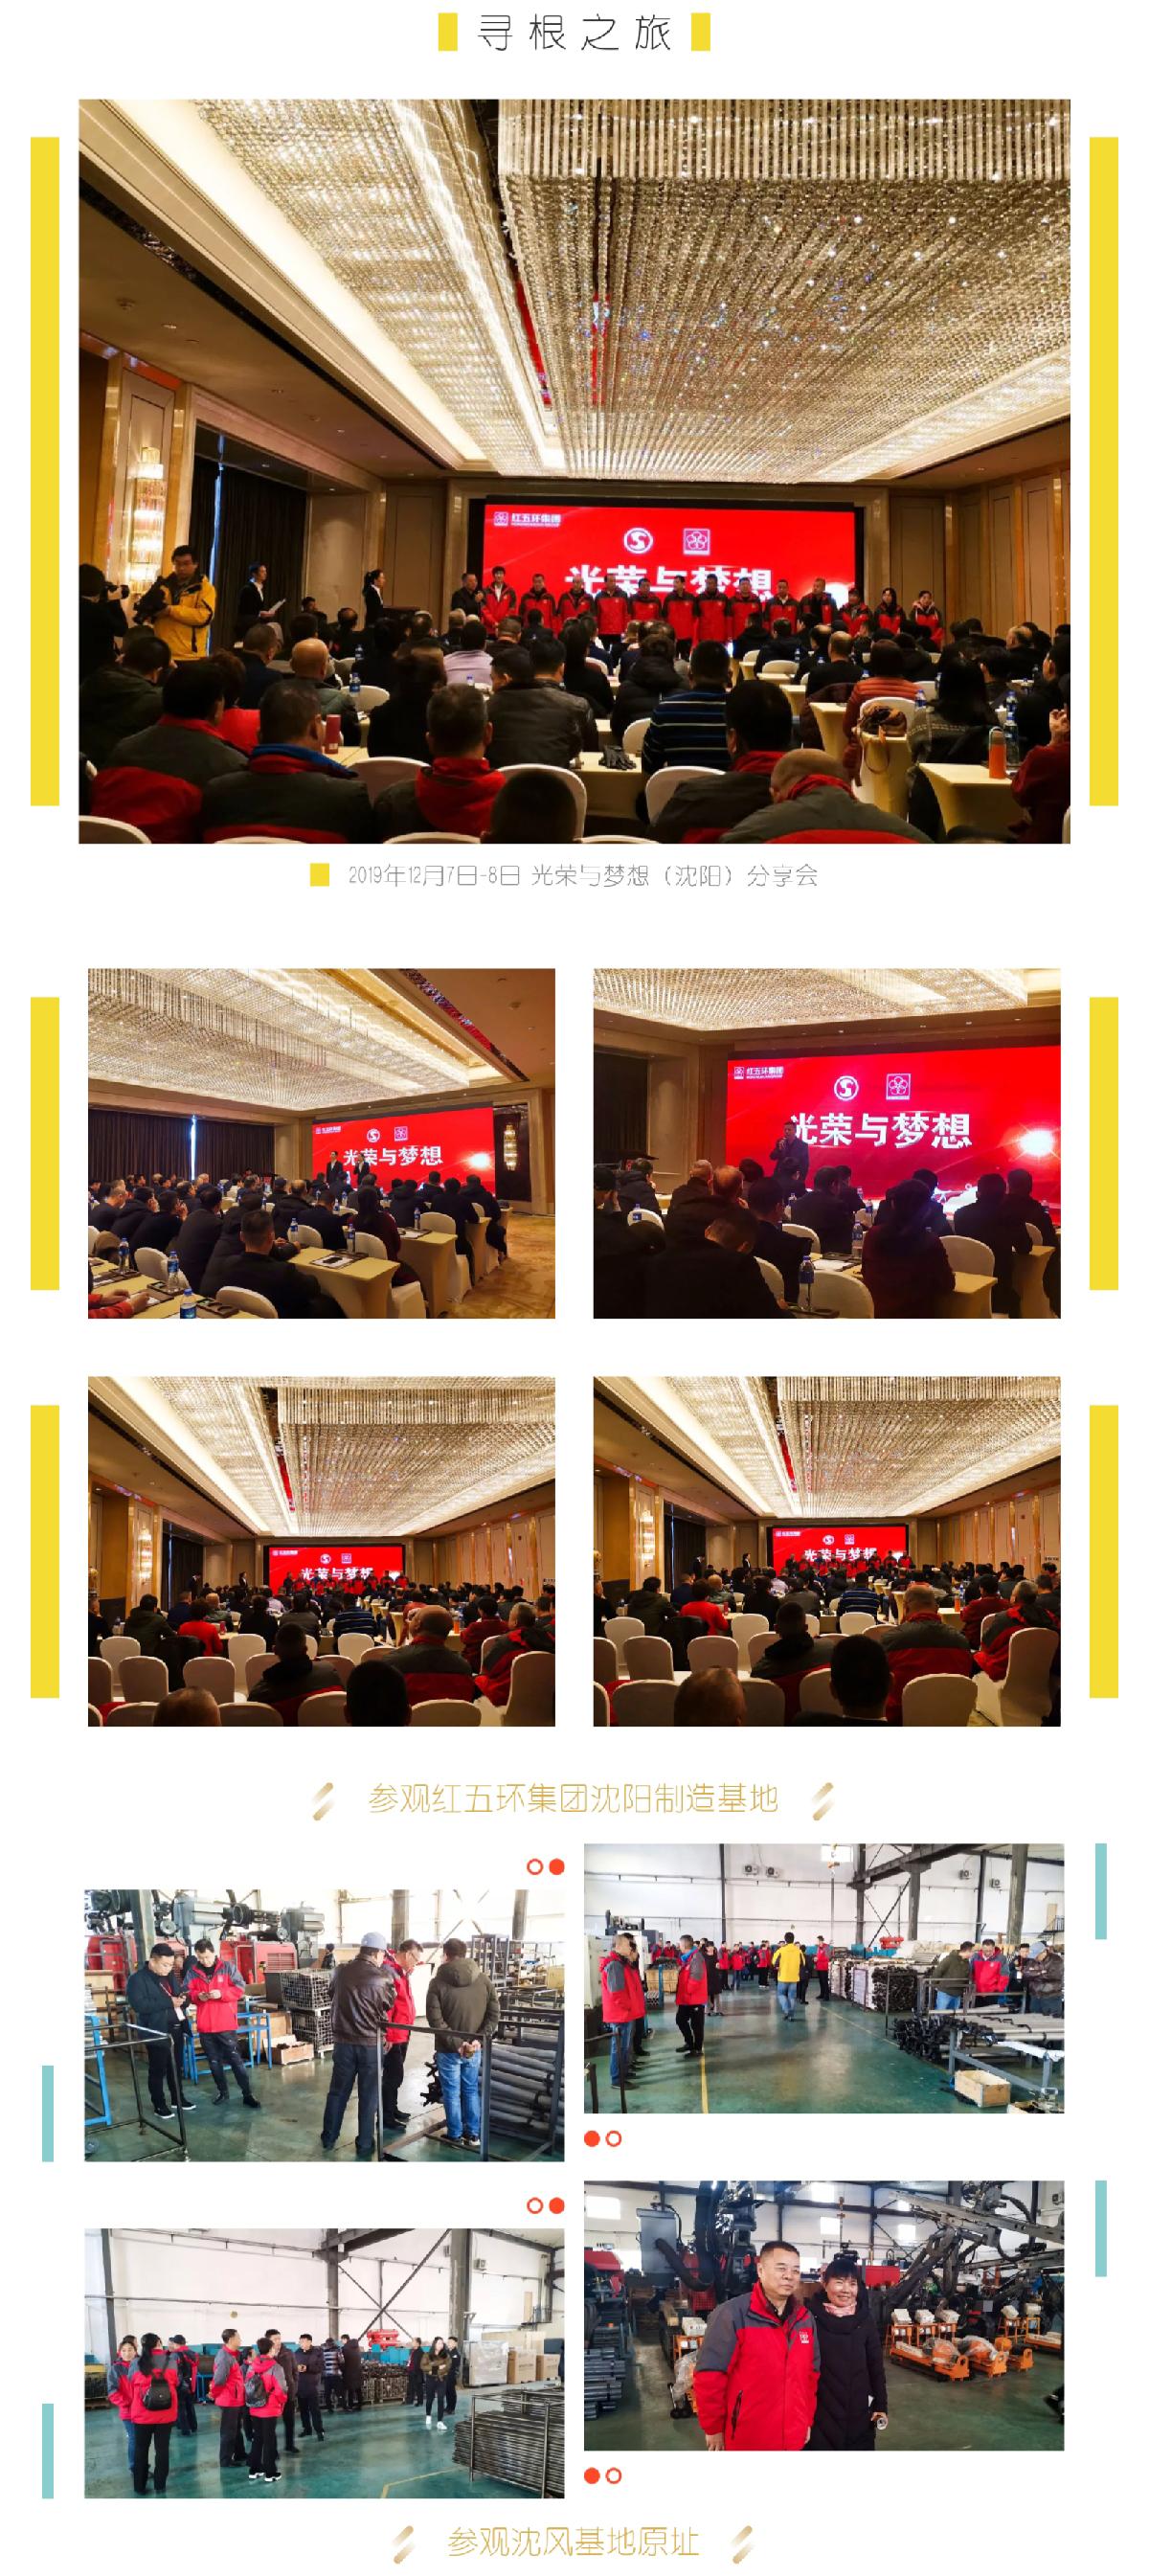 Screenshot_20191220_085053_com.tencent_03